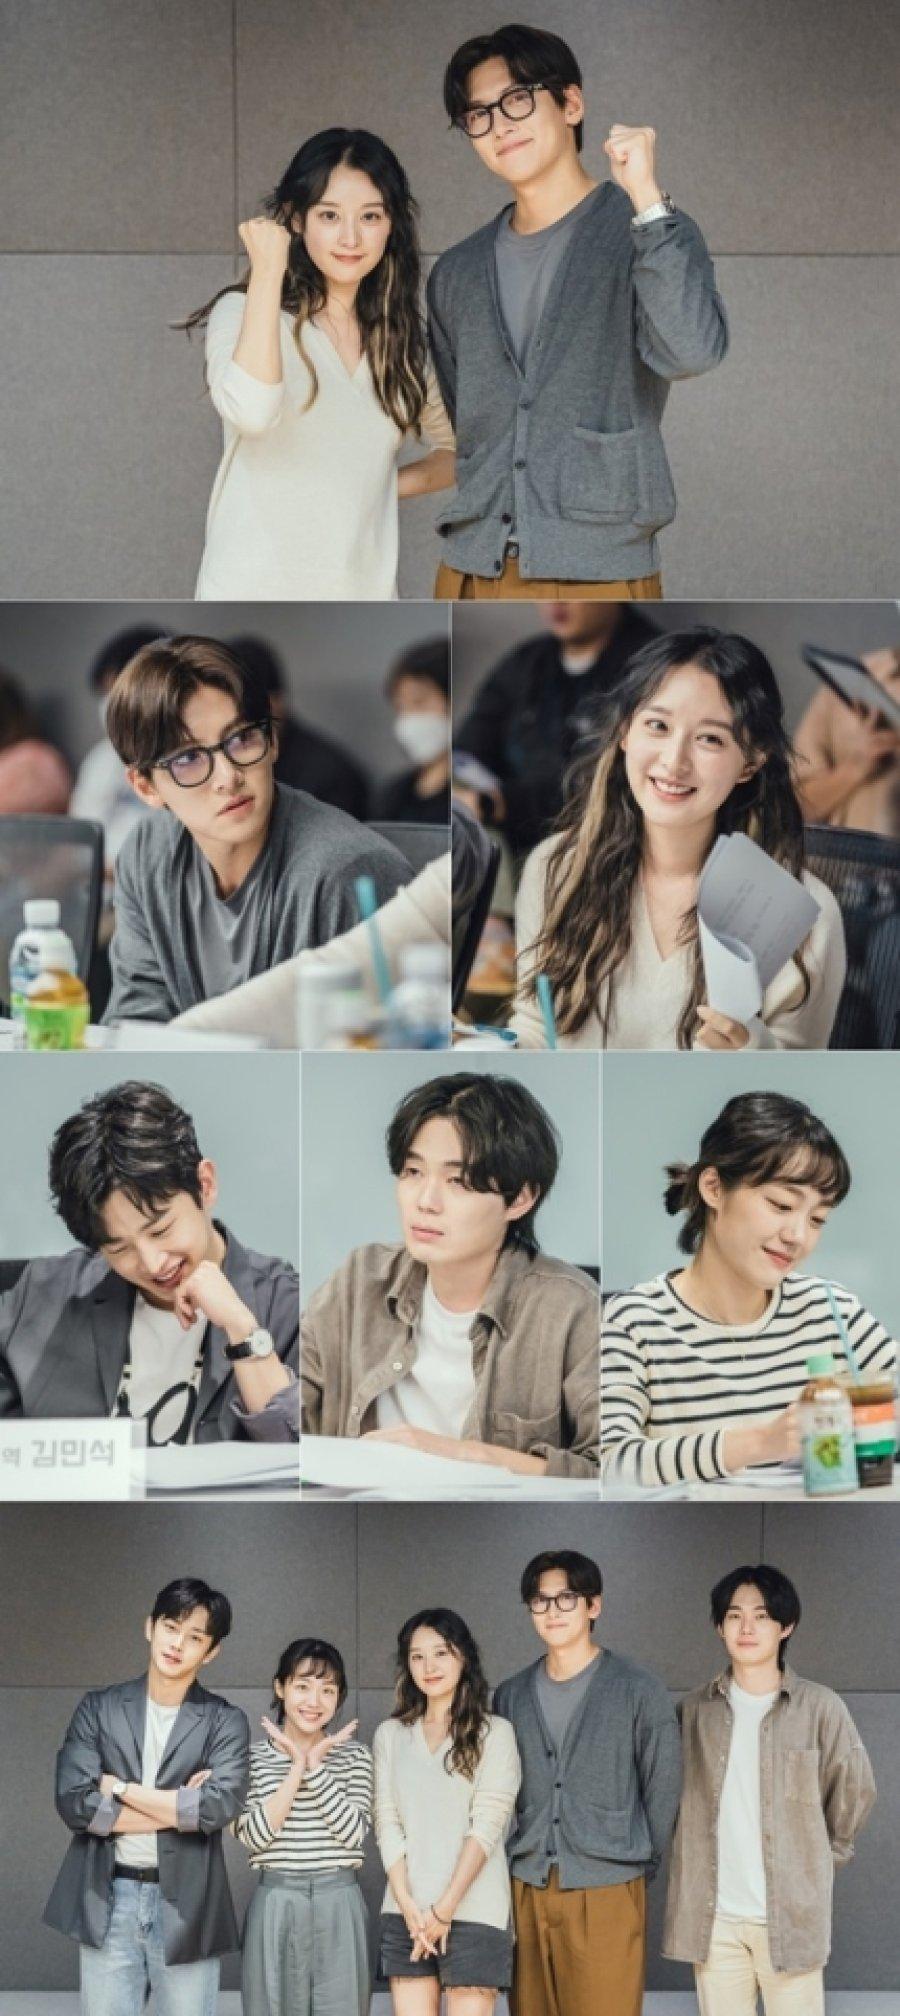 Pembacaan pertama naskah drama Korea Lovestruck in the City